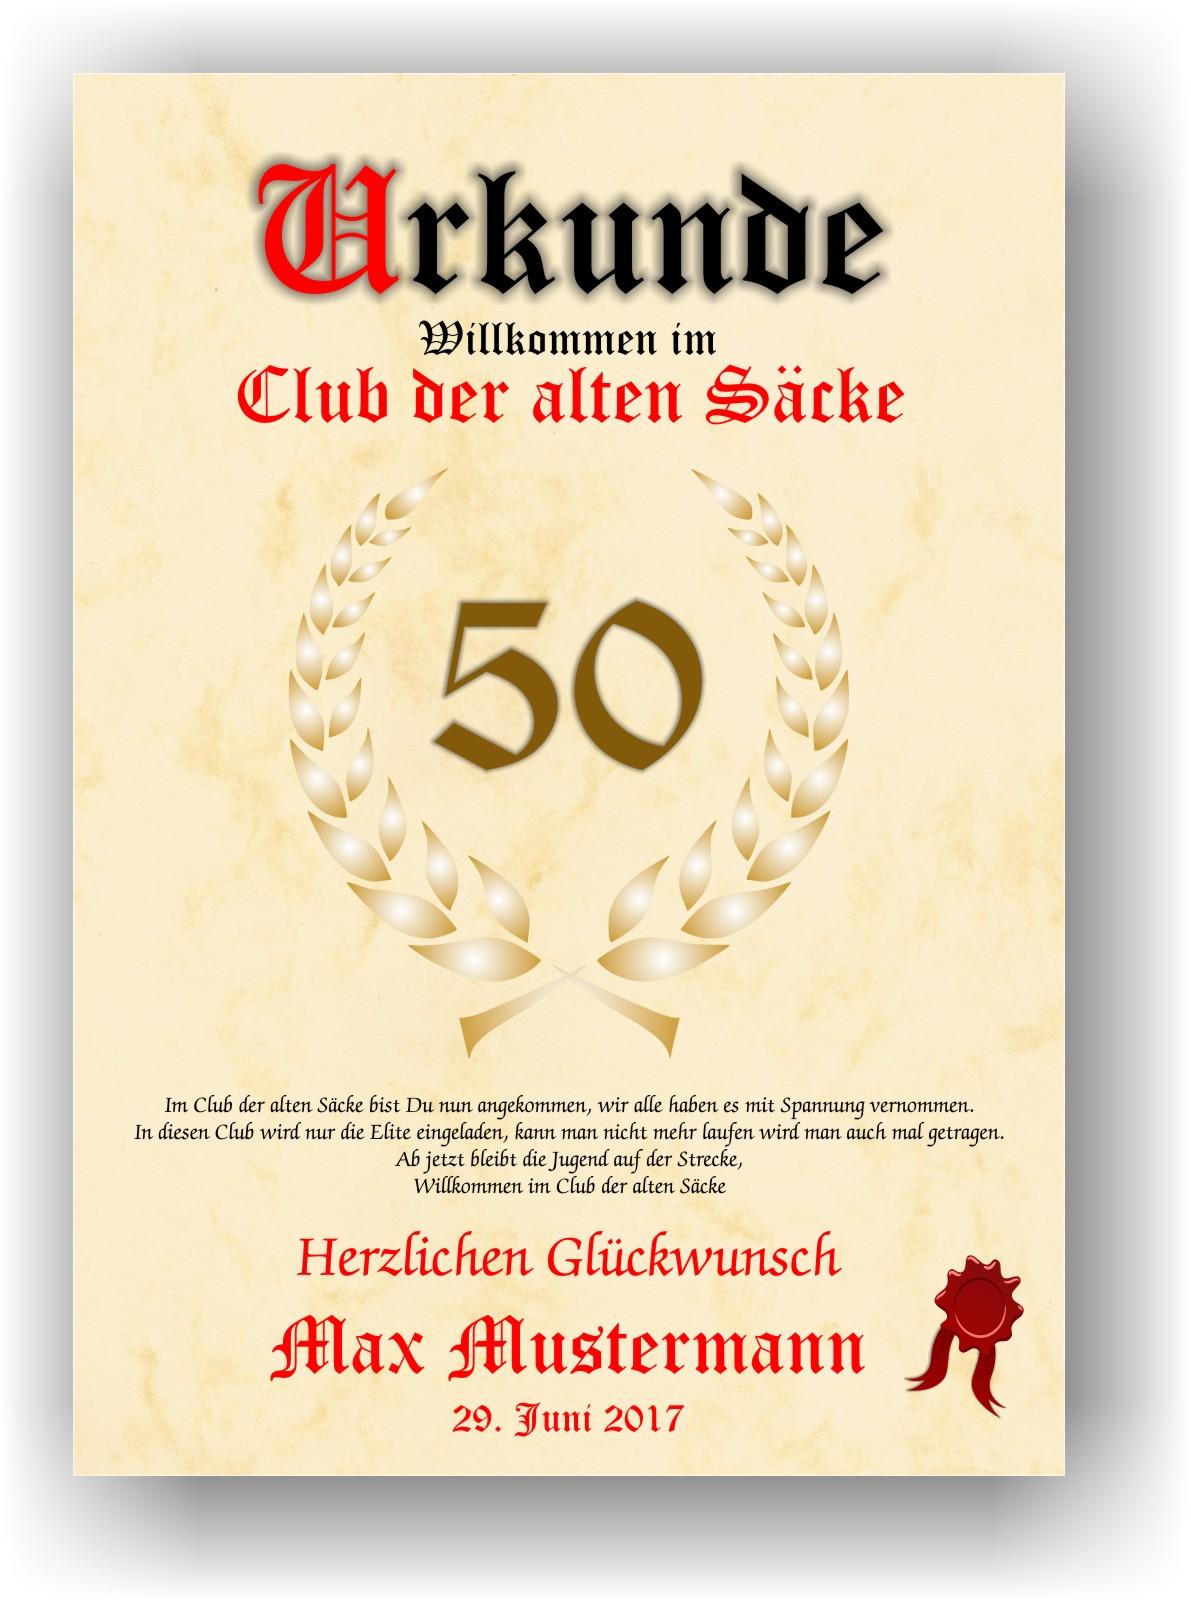 Urkunde Club Der Alten Sacke 18 20 30 40 50 60 70 Geburtstag Deko